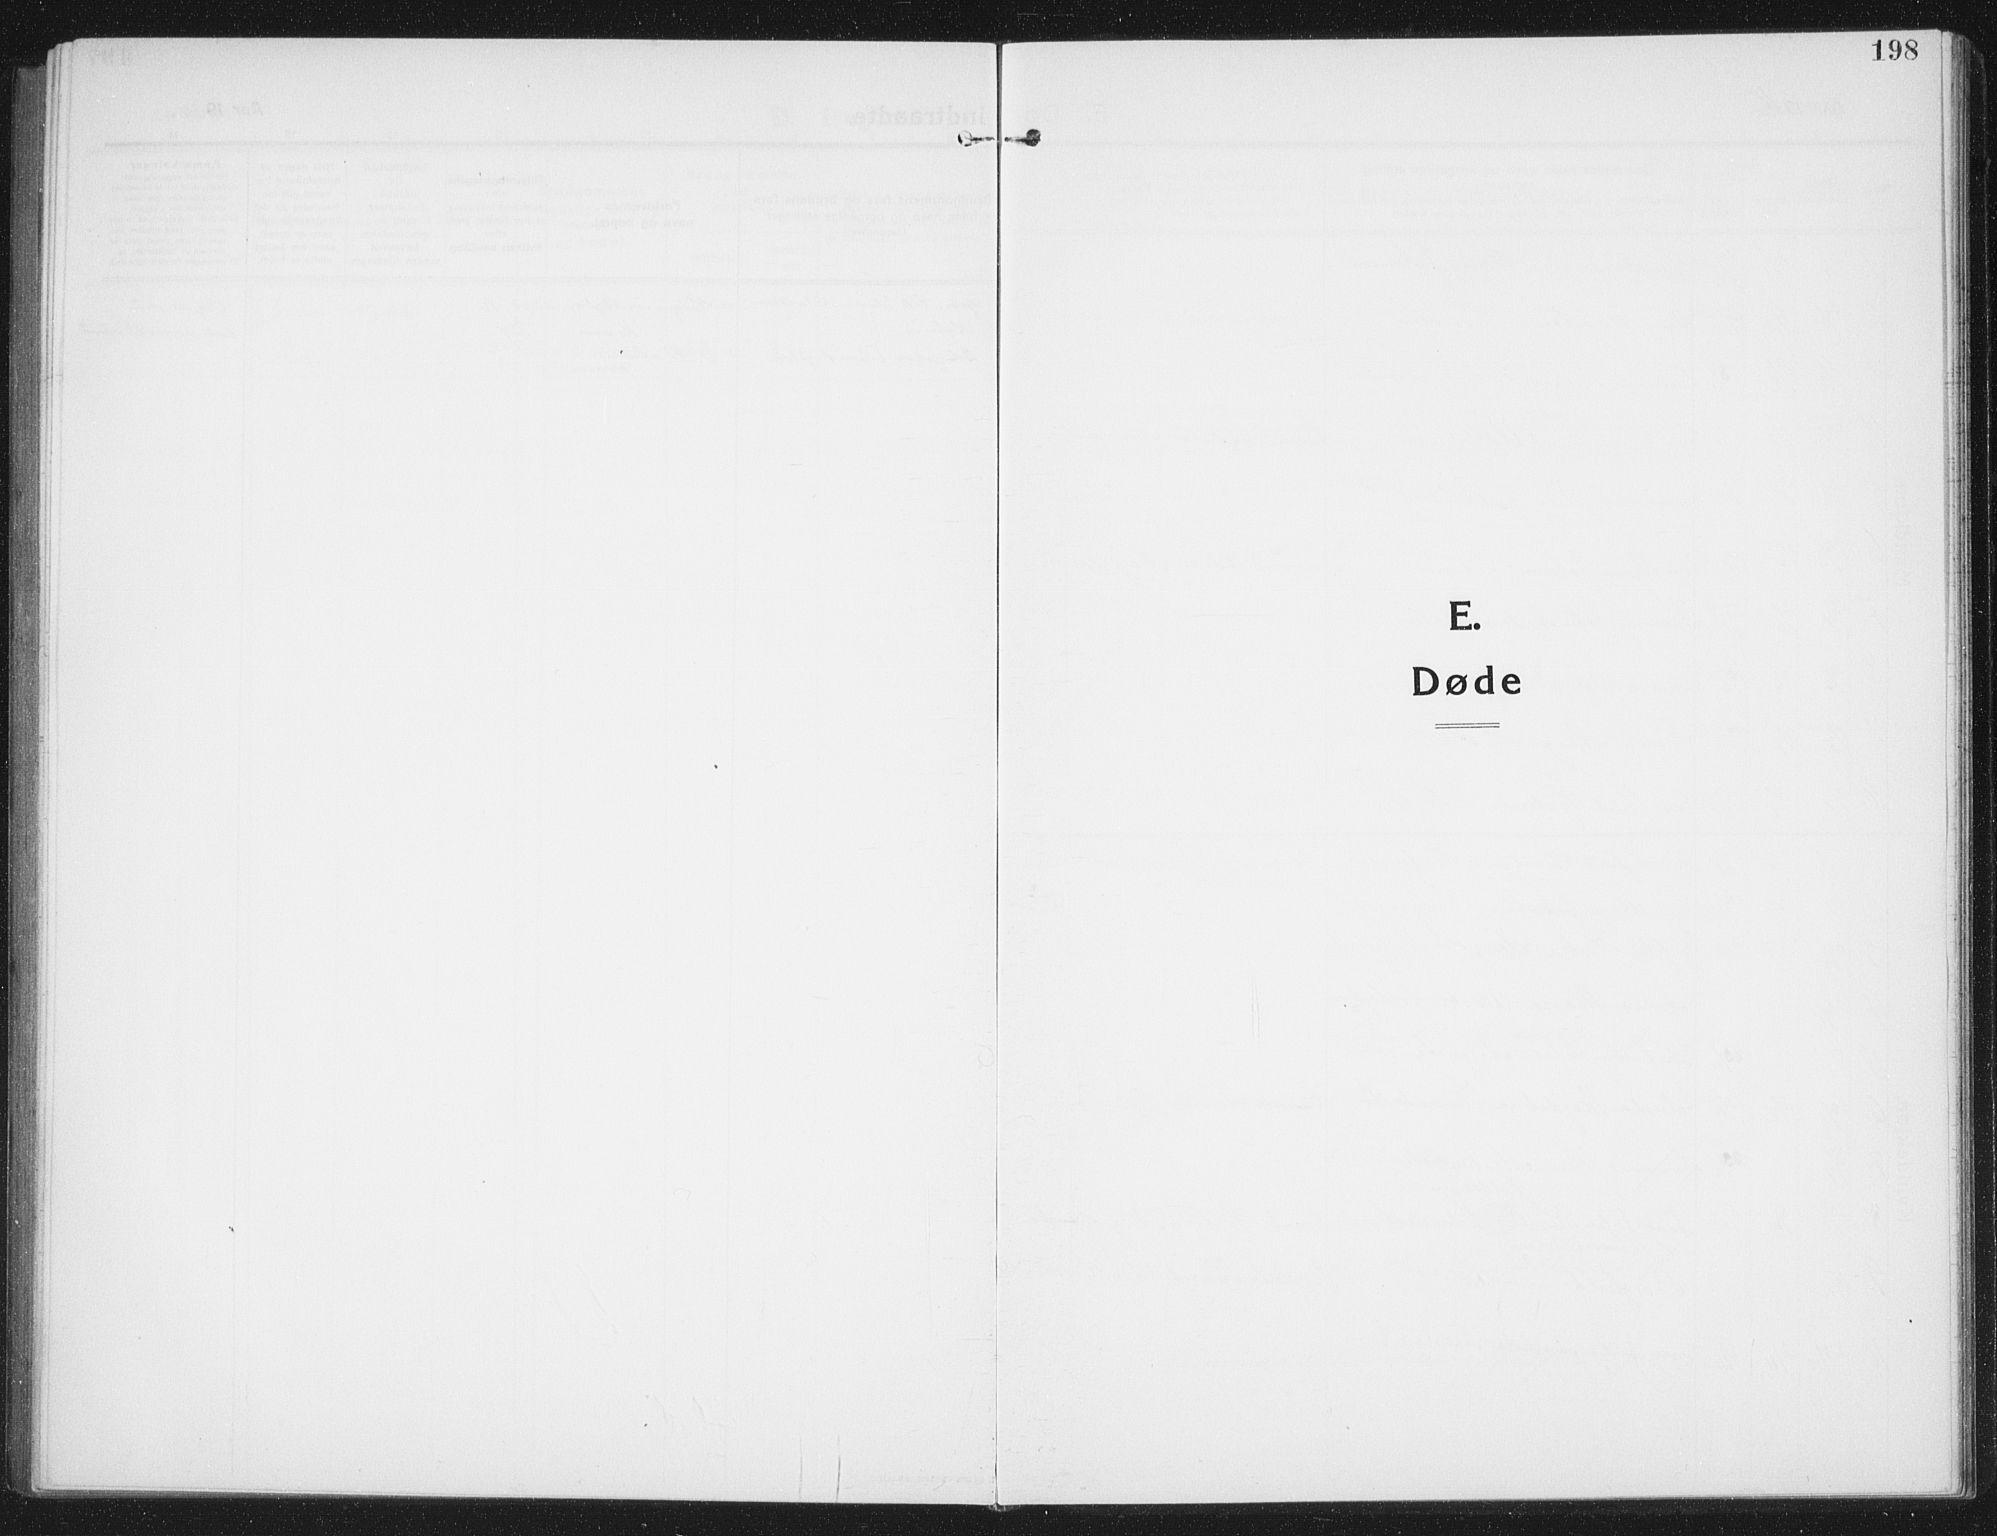 SAT, Ministerialprotokoller, klokkerbøker og fødselsregistre - Nord-Trøndelag, 774/L0630: Klokkerbok nr. 774C01, 1910-1934, s. 198